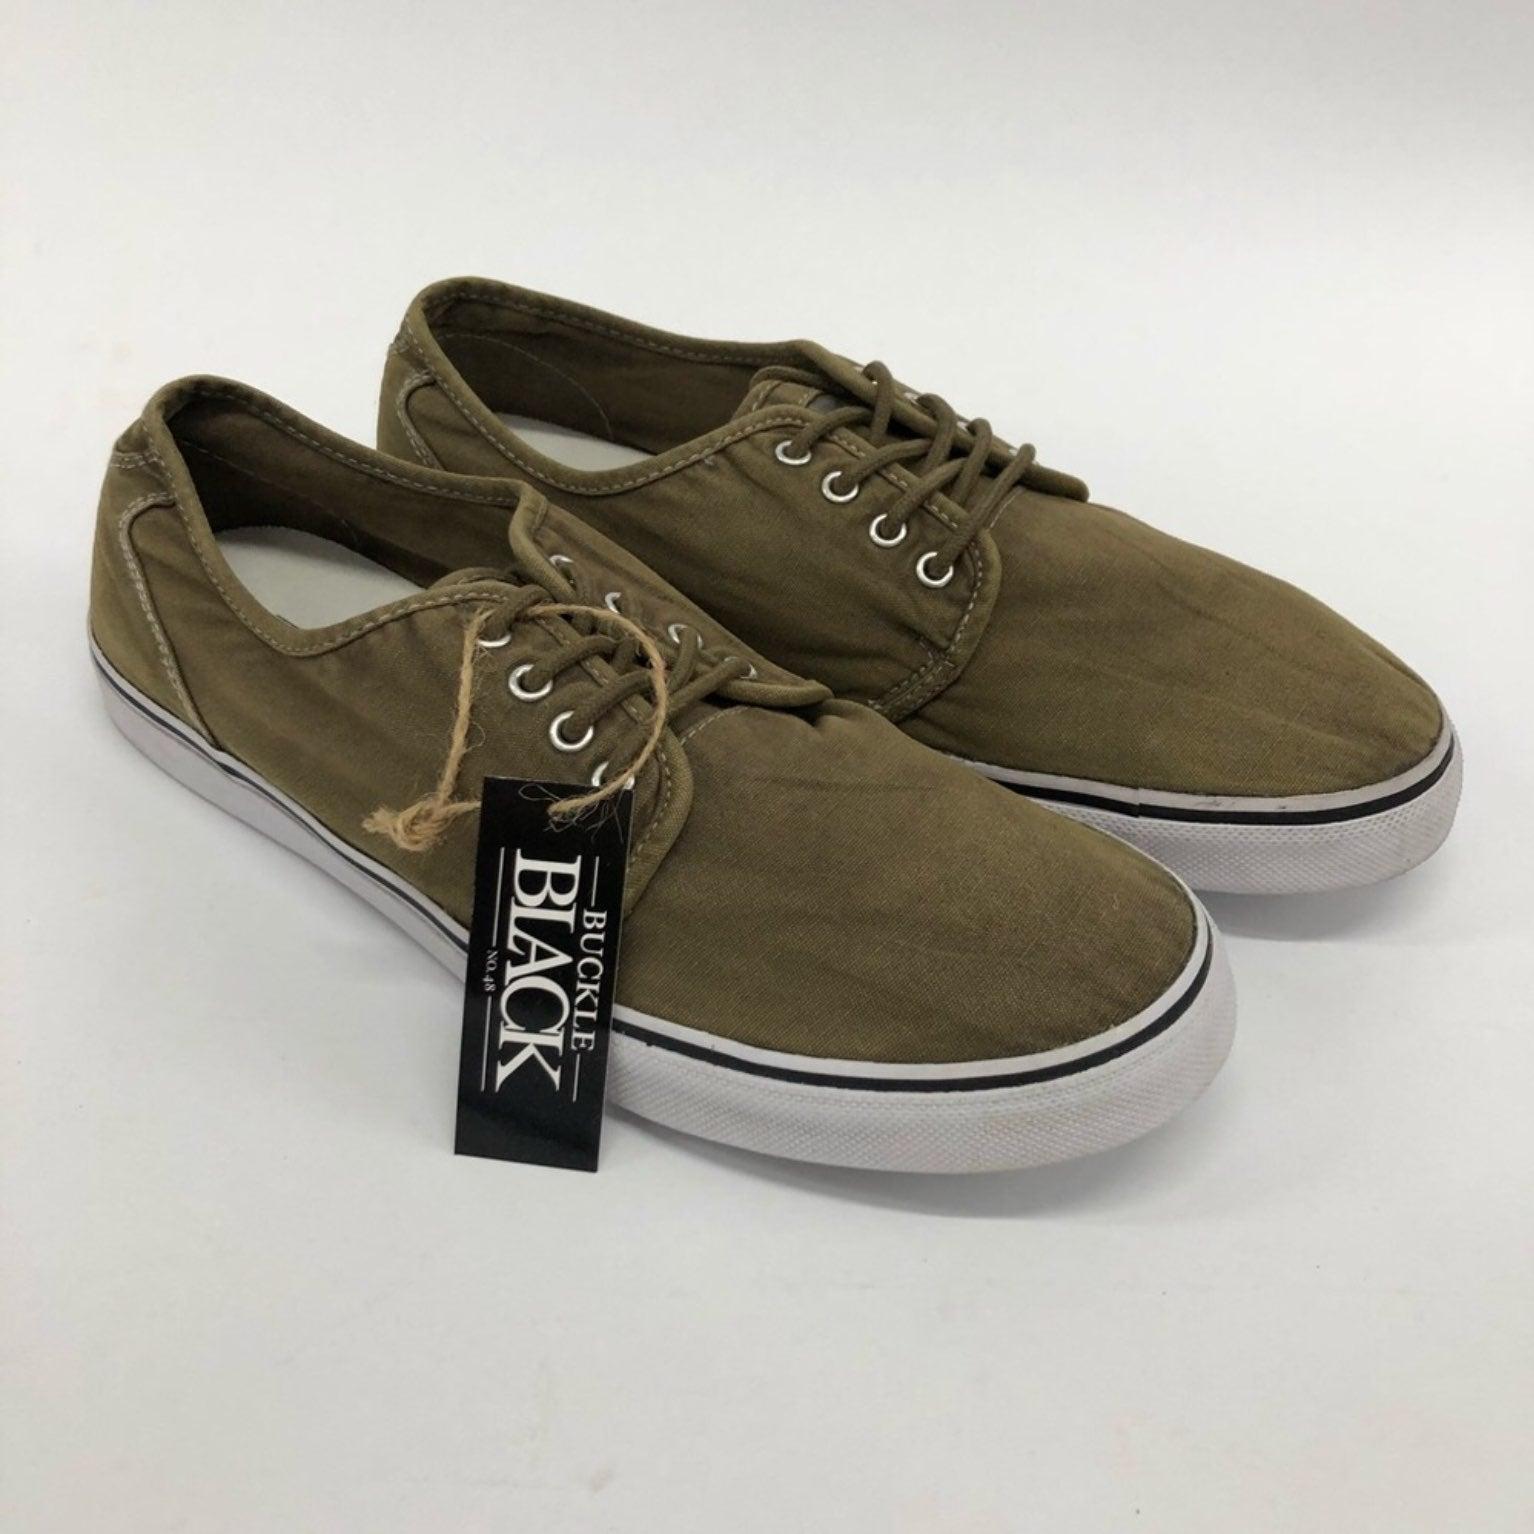 Buckle Mens Sneakers 11